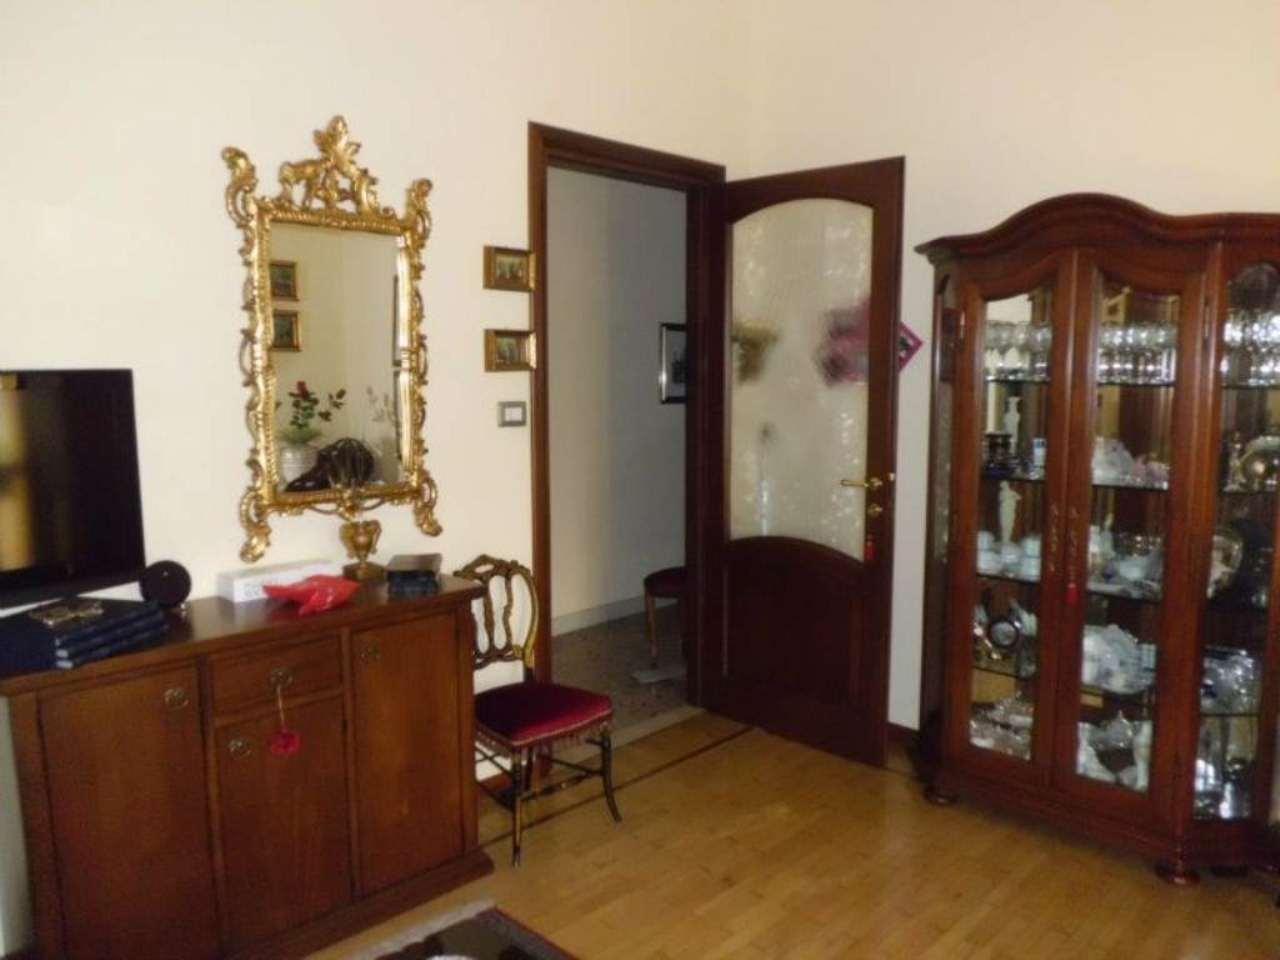 Appartamento in vendita a Bra, 3 locali, prezzo € 128.000 | CambioCasa.it